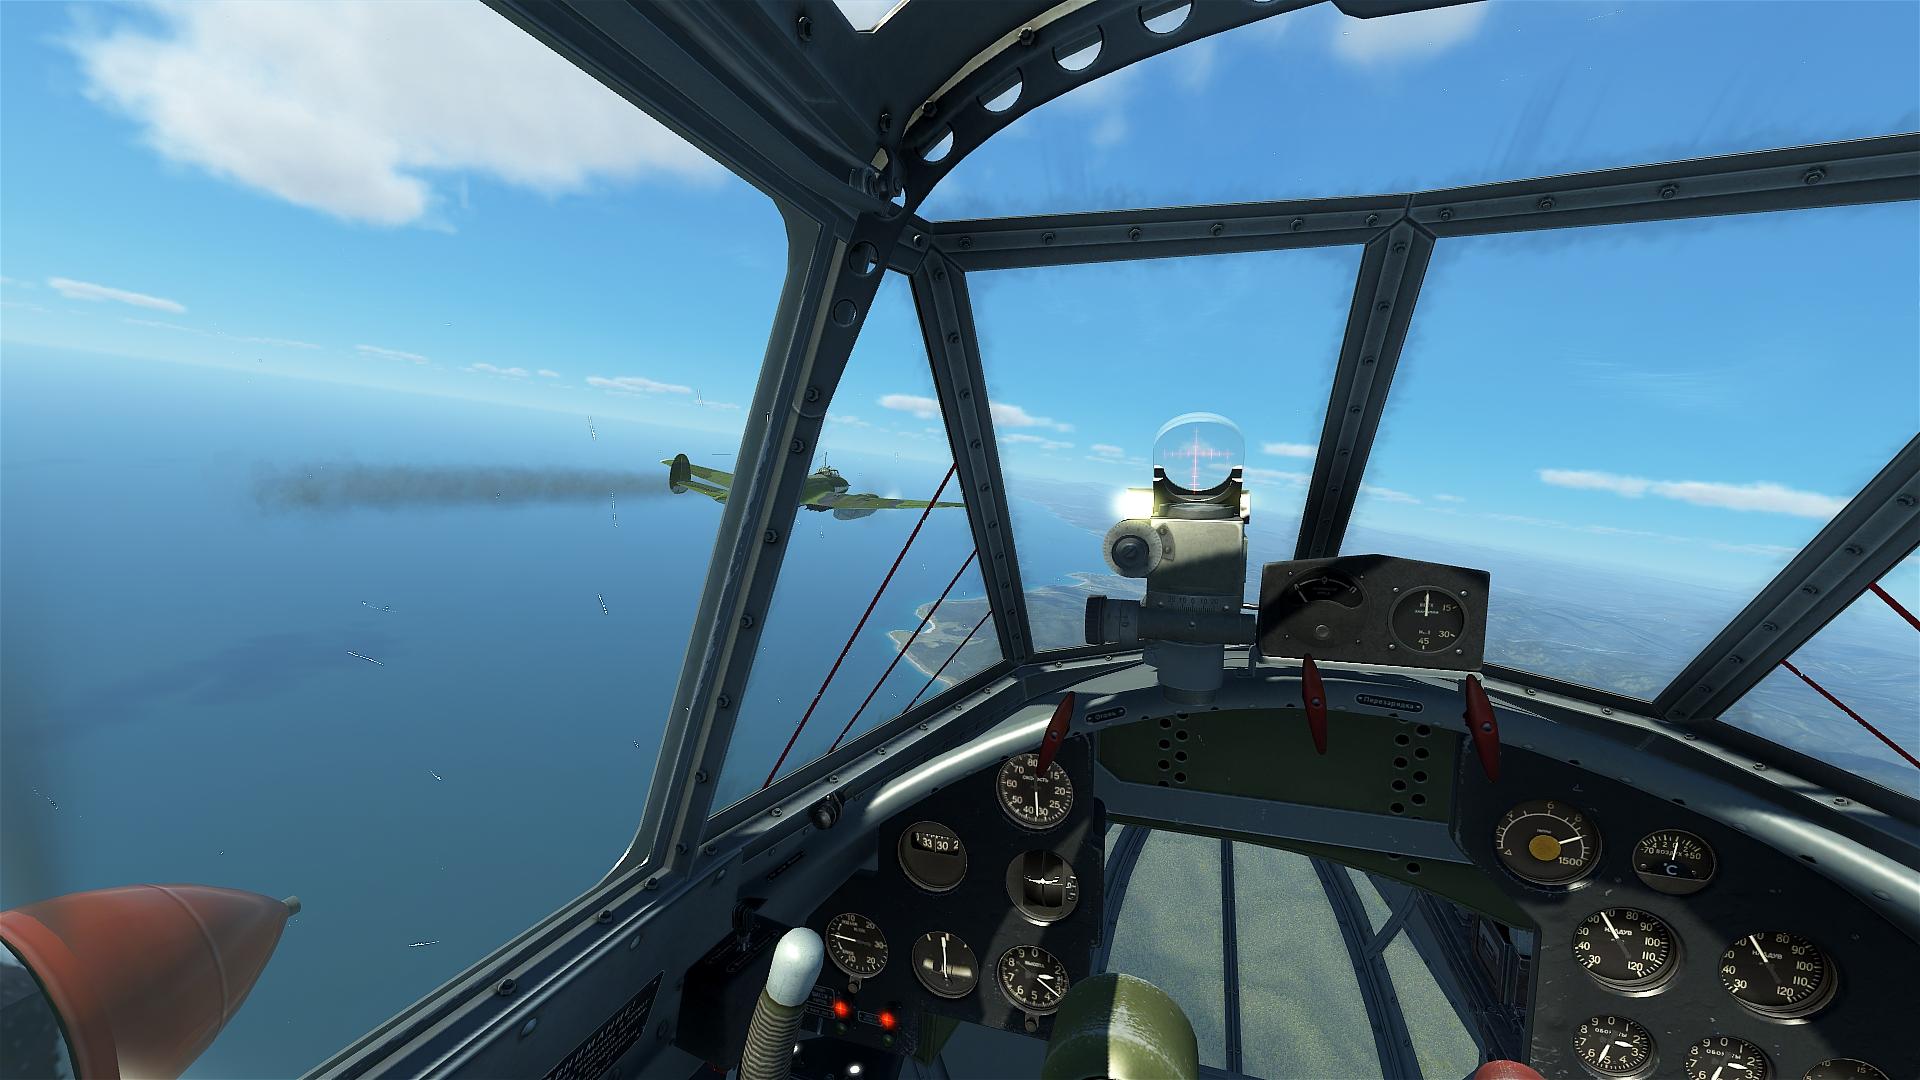 Un ptit CR en image de  la sortie de vendredi sur les Fnbf avec les NN en bomber ! 41560317182_888d599786_o